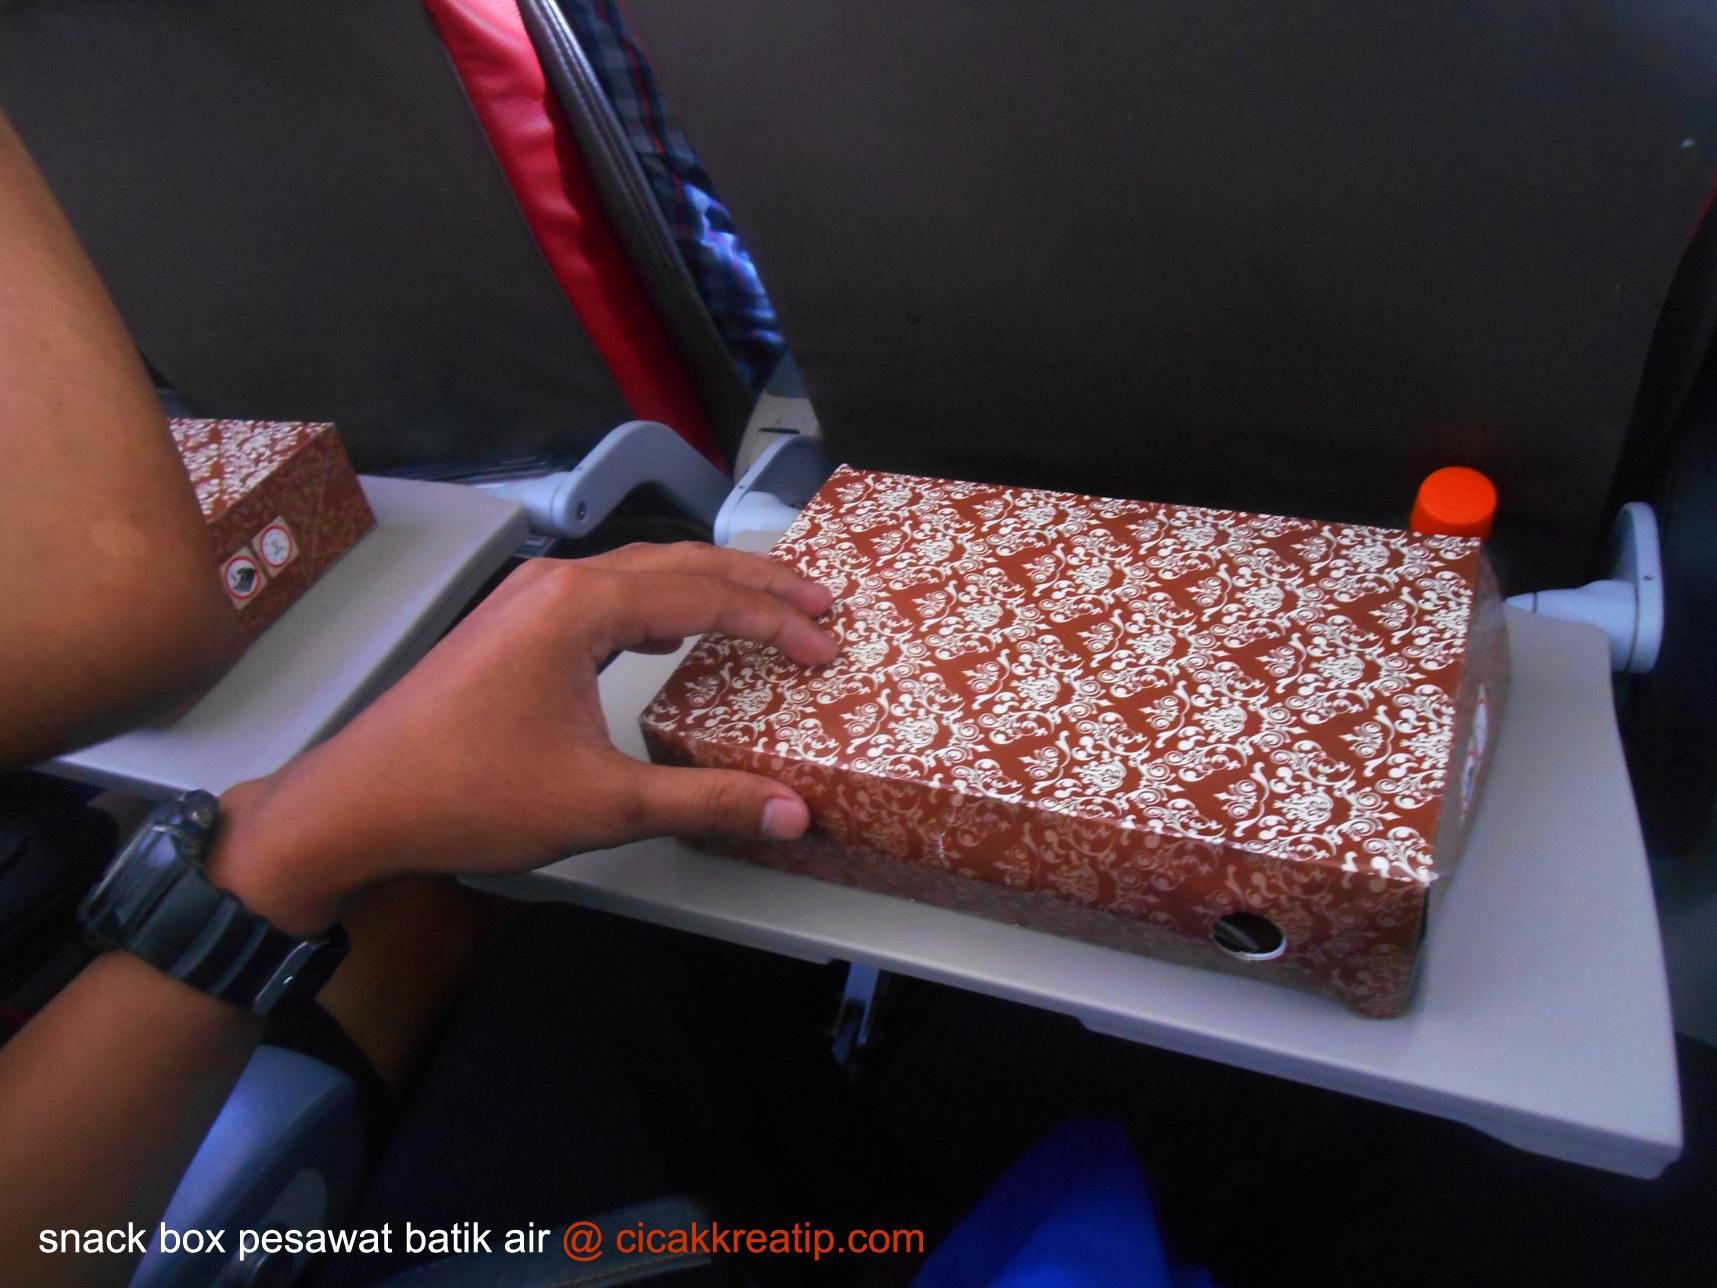 snack box batik air2